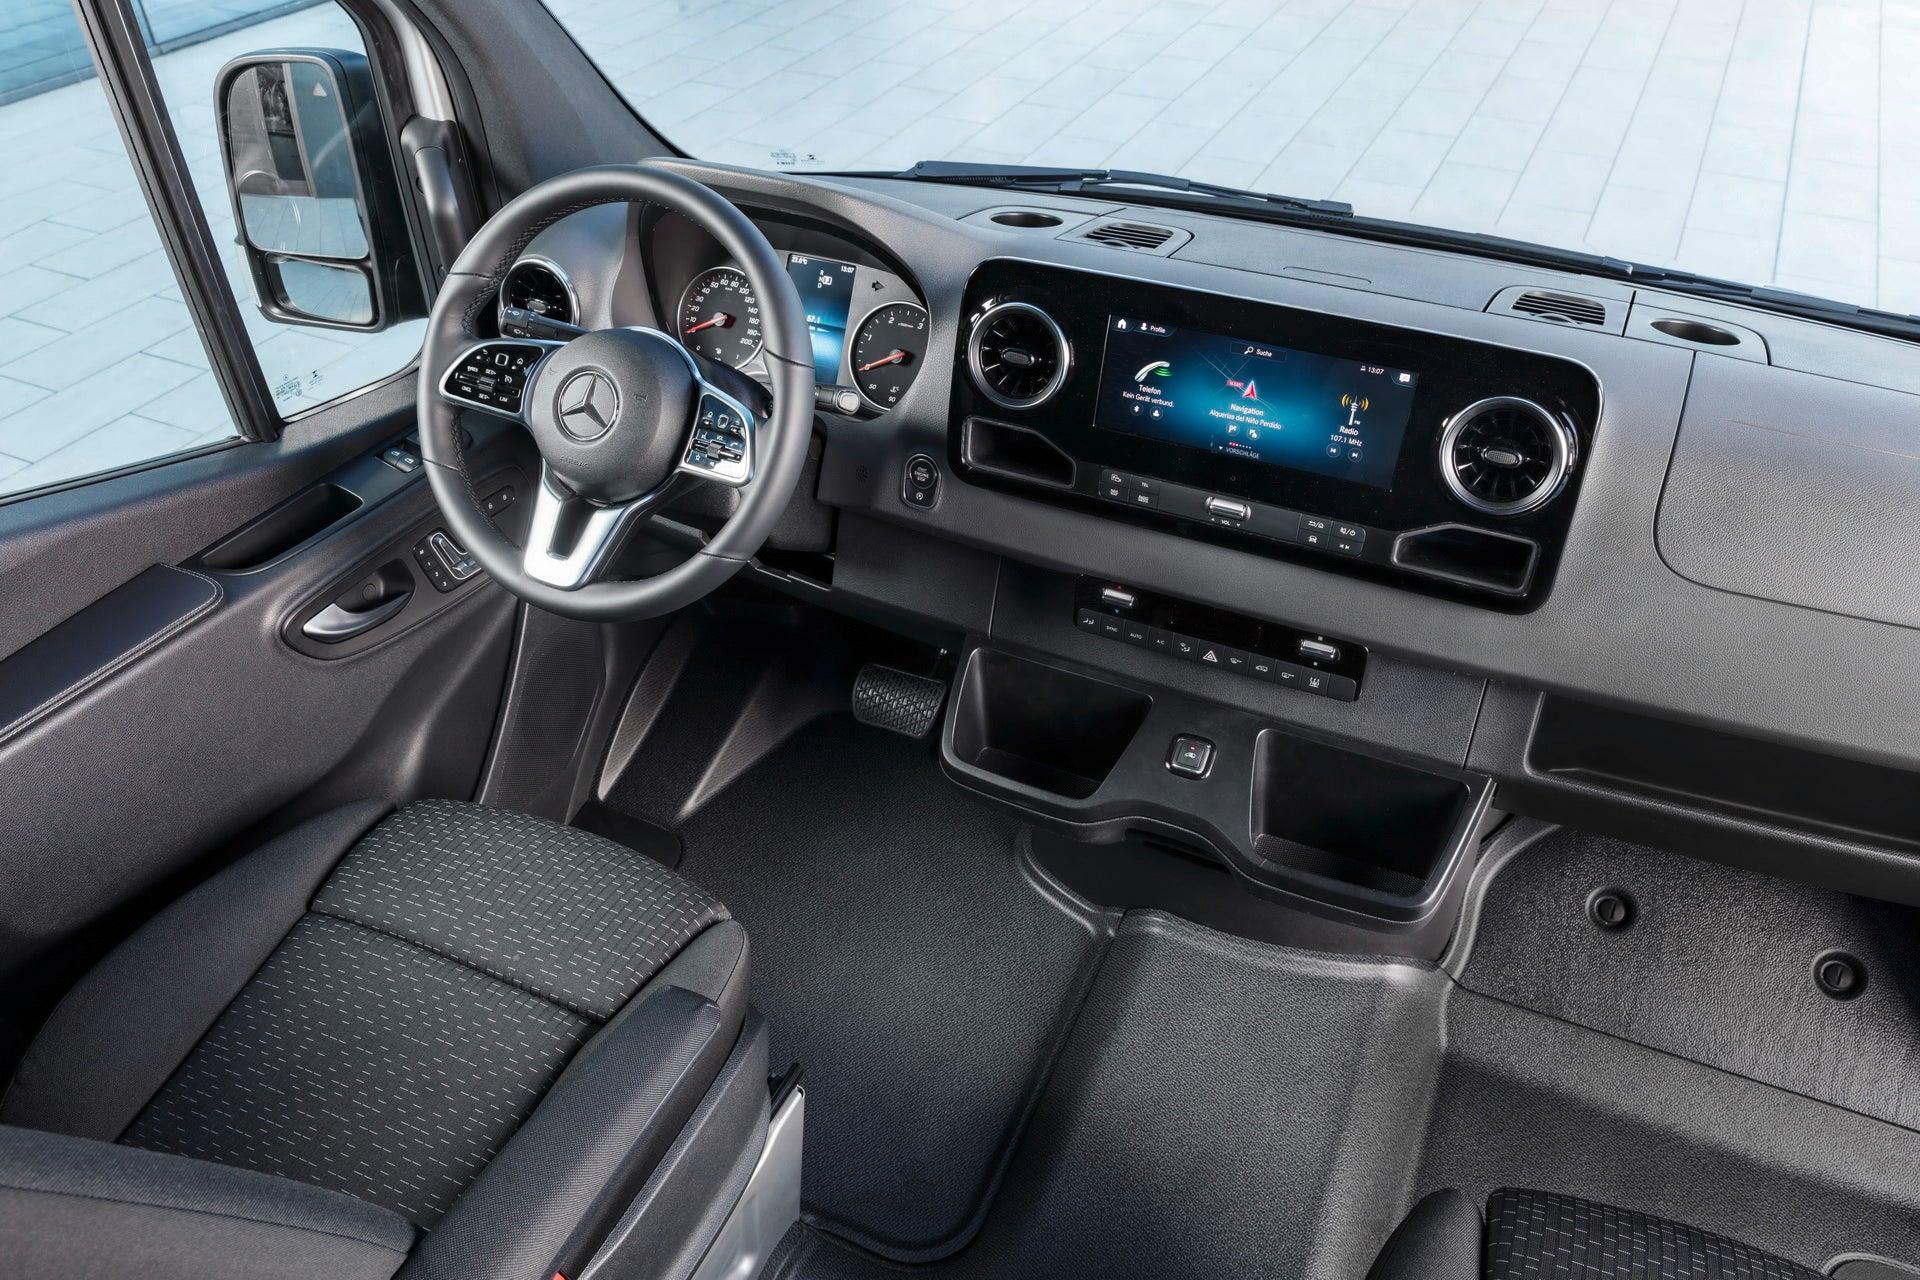 Vehículos industriales: interior del Mercedes Sprinter